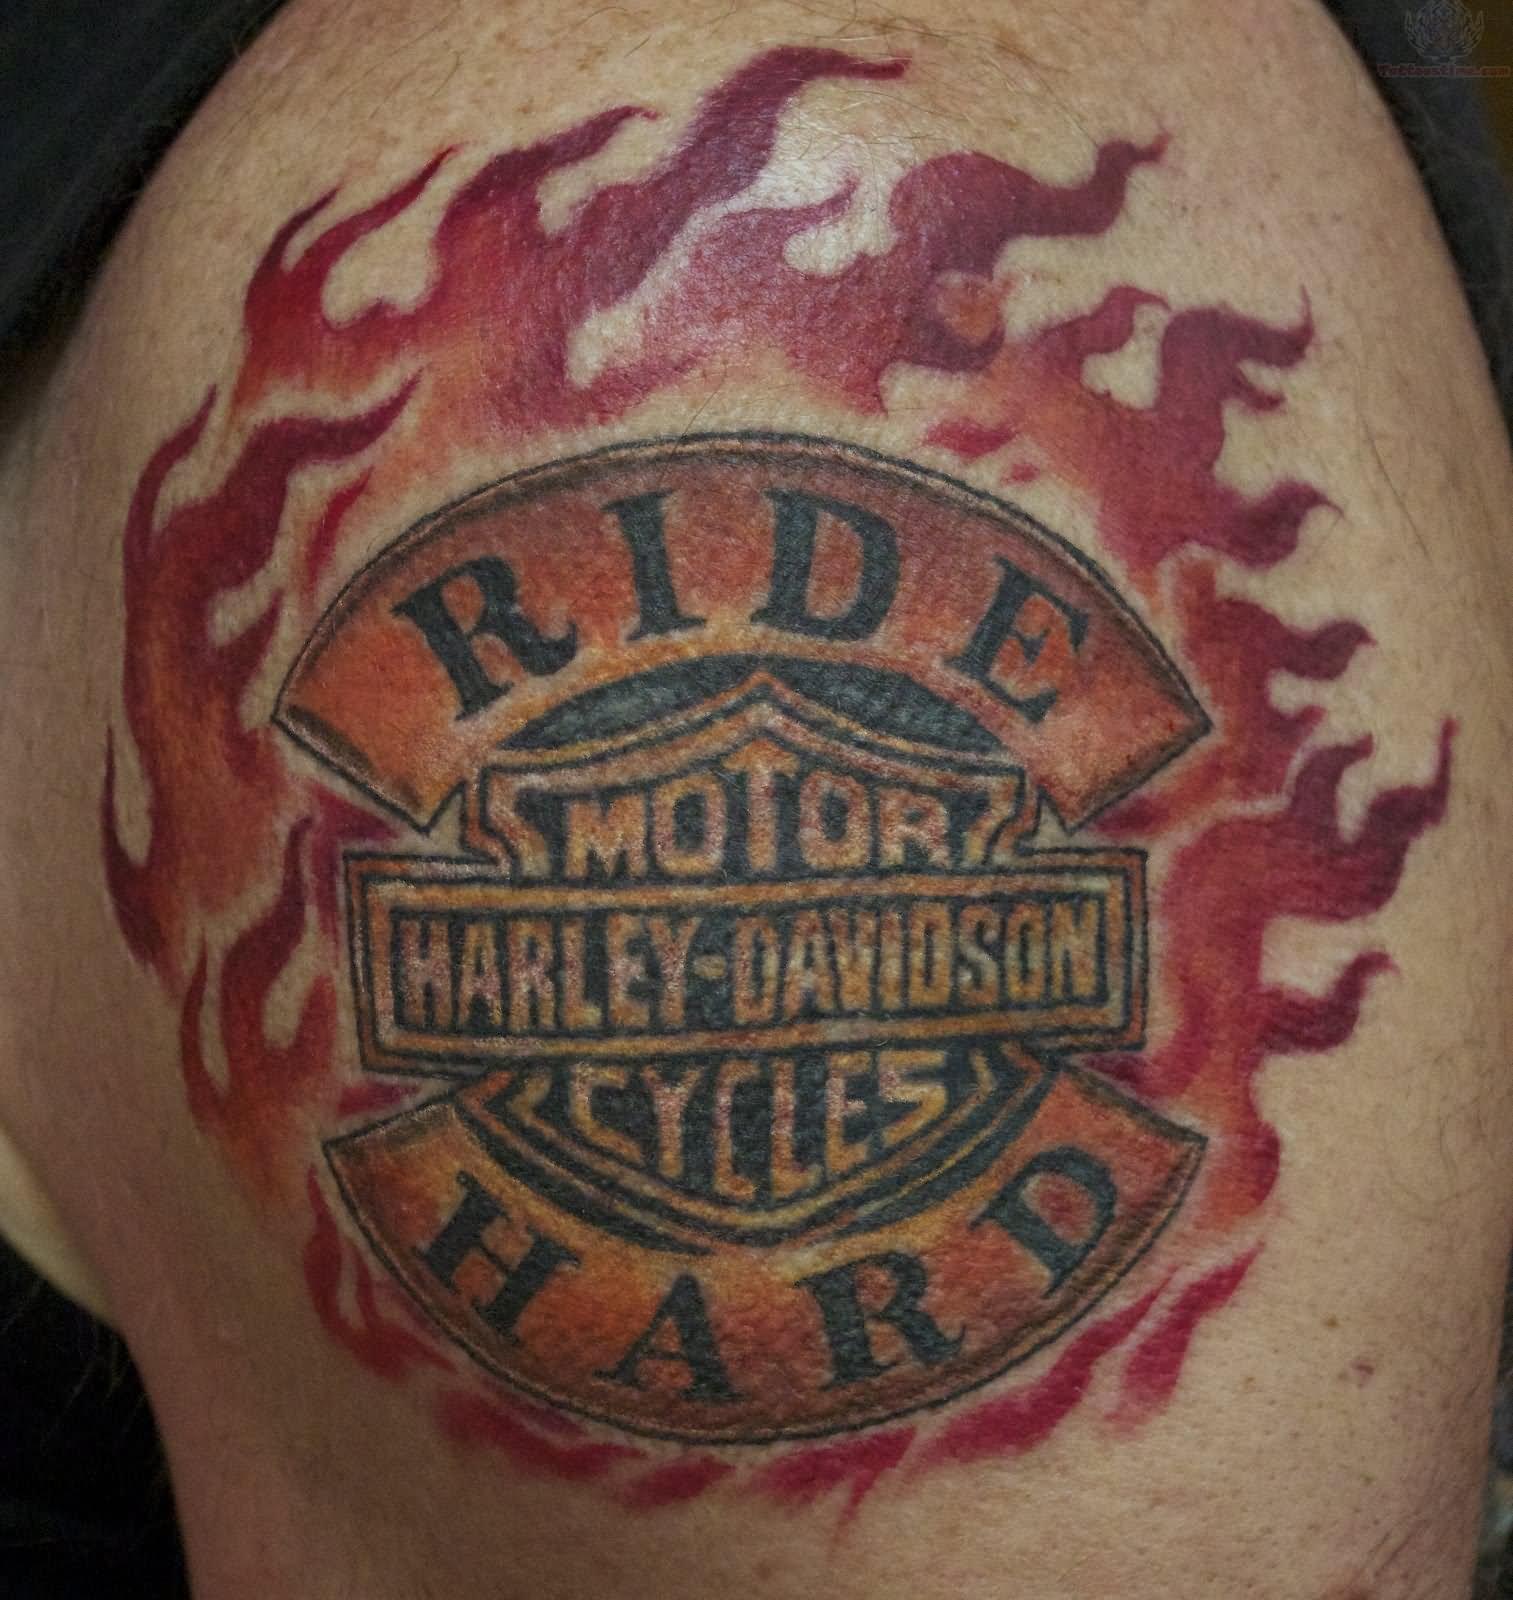 Ride Hard Harley Davidson Tattoo On Shoulder